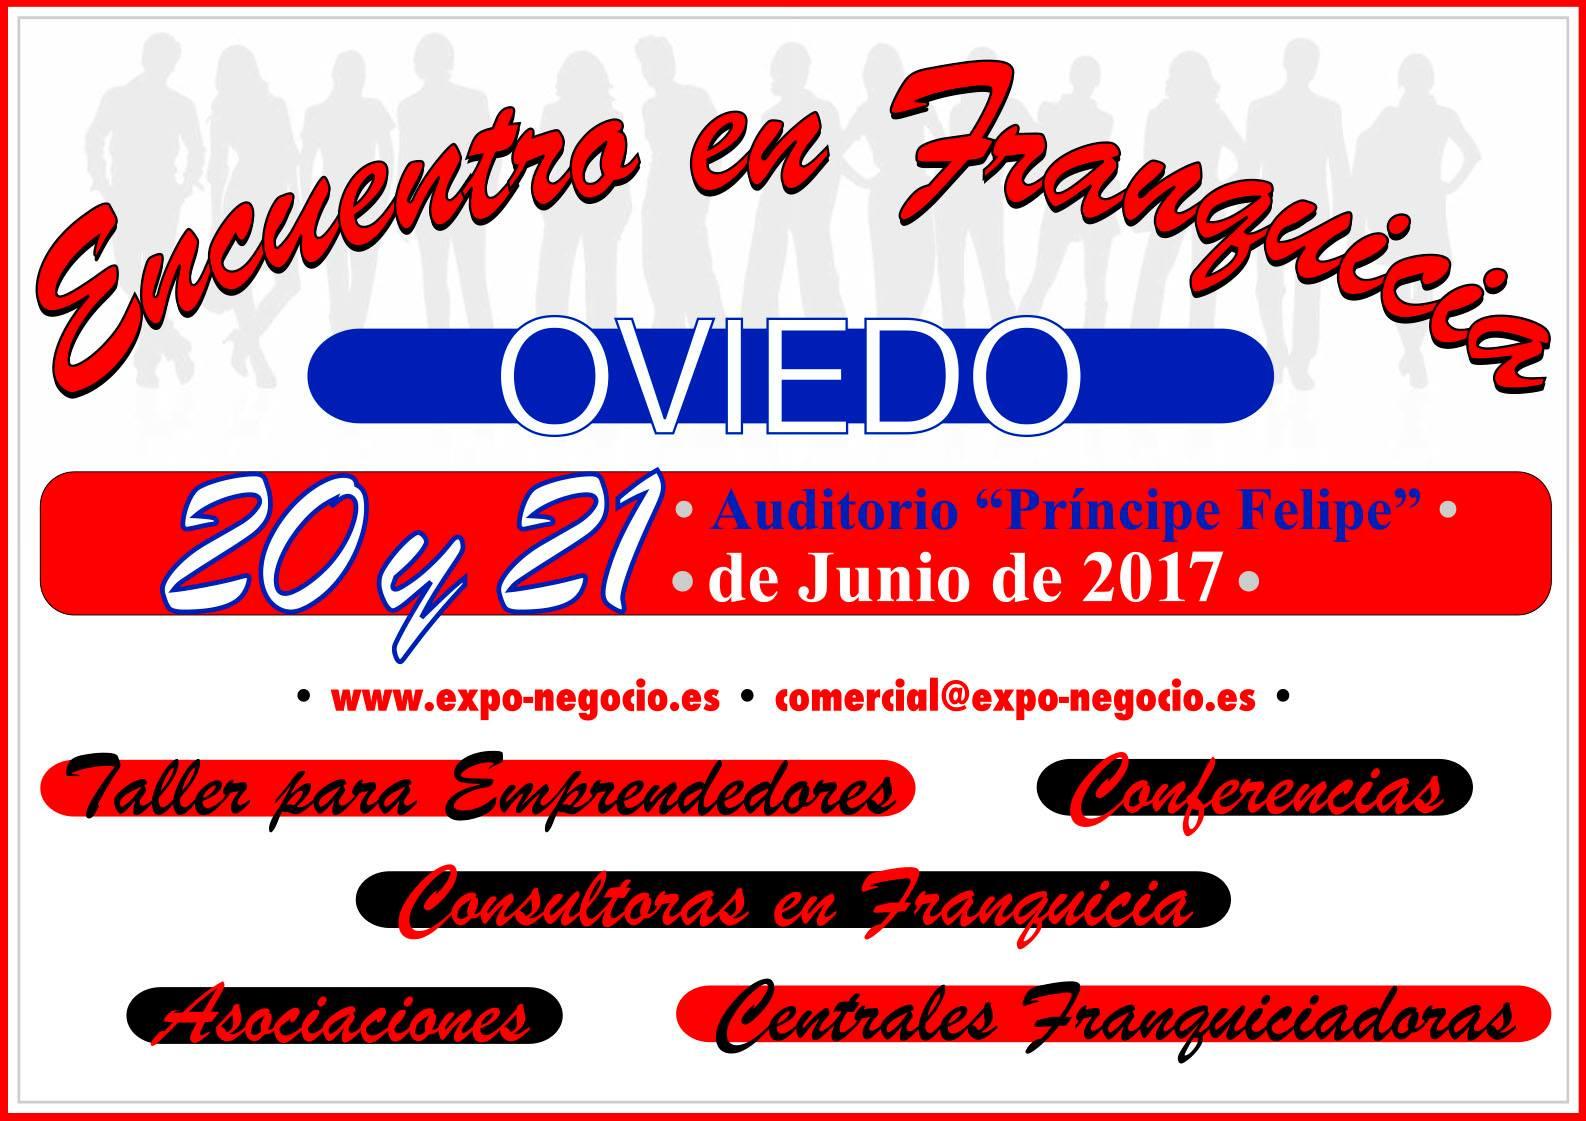 Tierra Animal estará presente en el V Encuentro en Franquicias de Oviedo